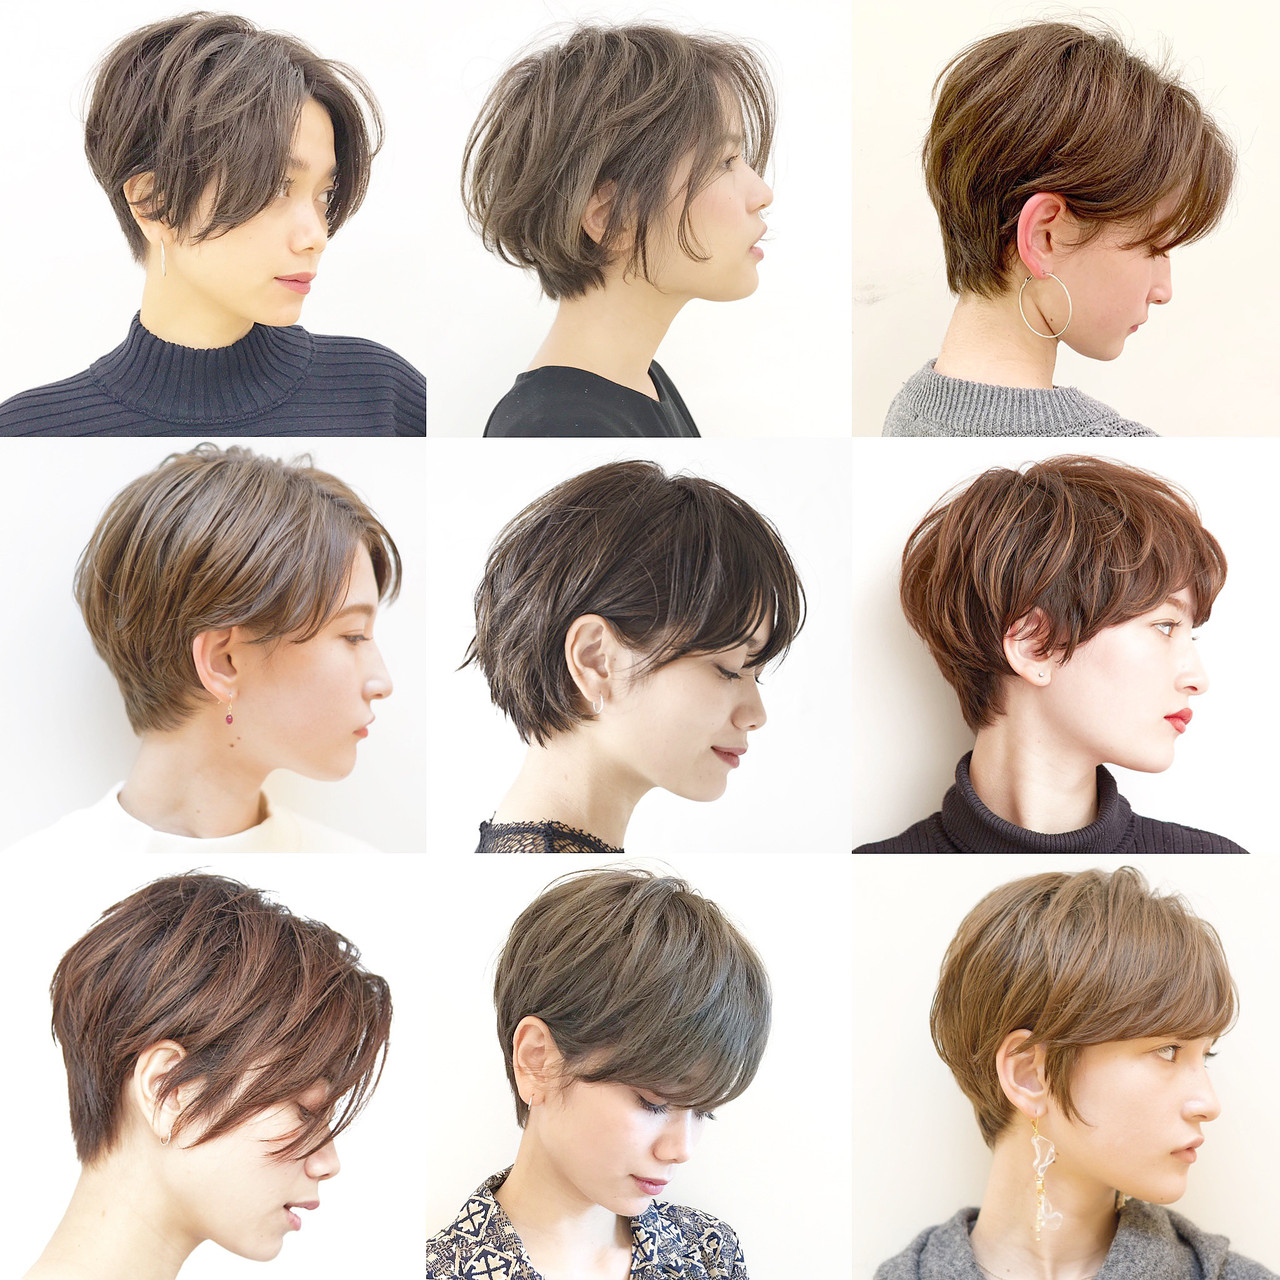 デート ショート オフィス ナチュラル ヘアスタイルや髪型の写真・画像